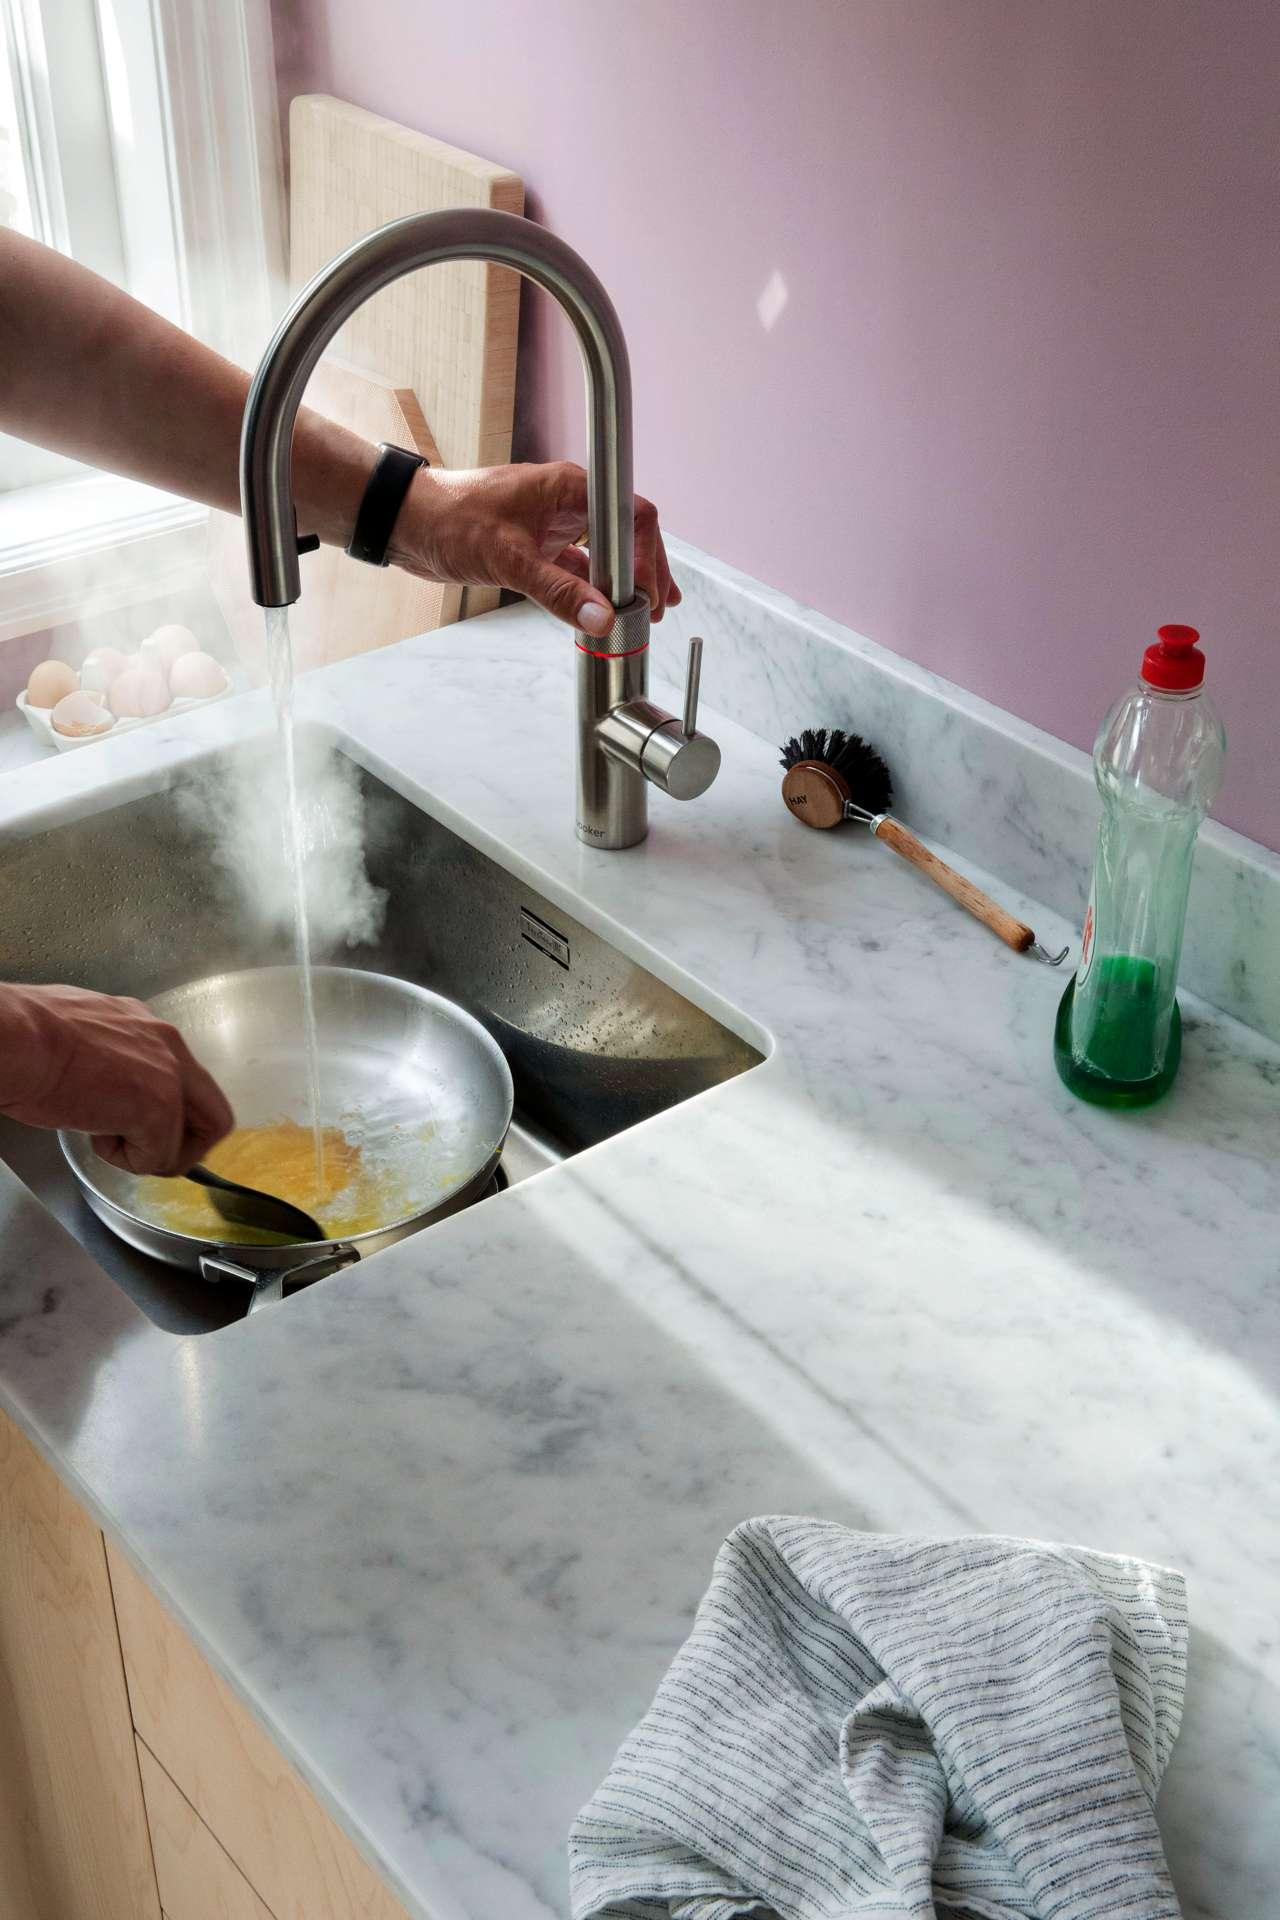 Das Kochwasser ist hygienisch, keimfrei und wird permanent gefiltert. Foto: djd/Quooker